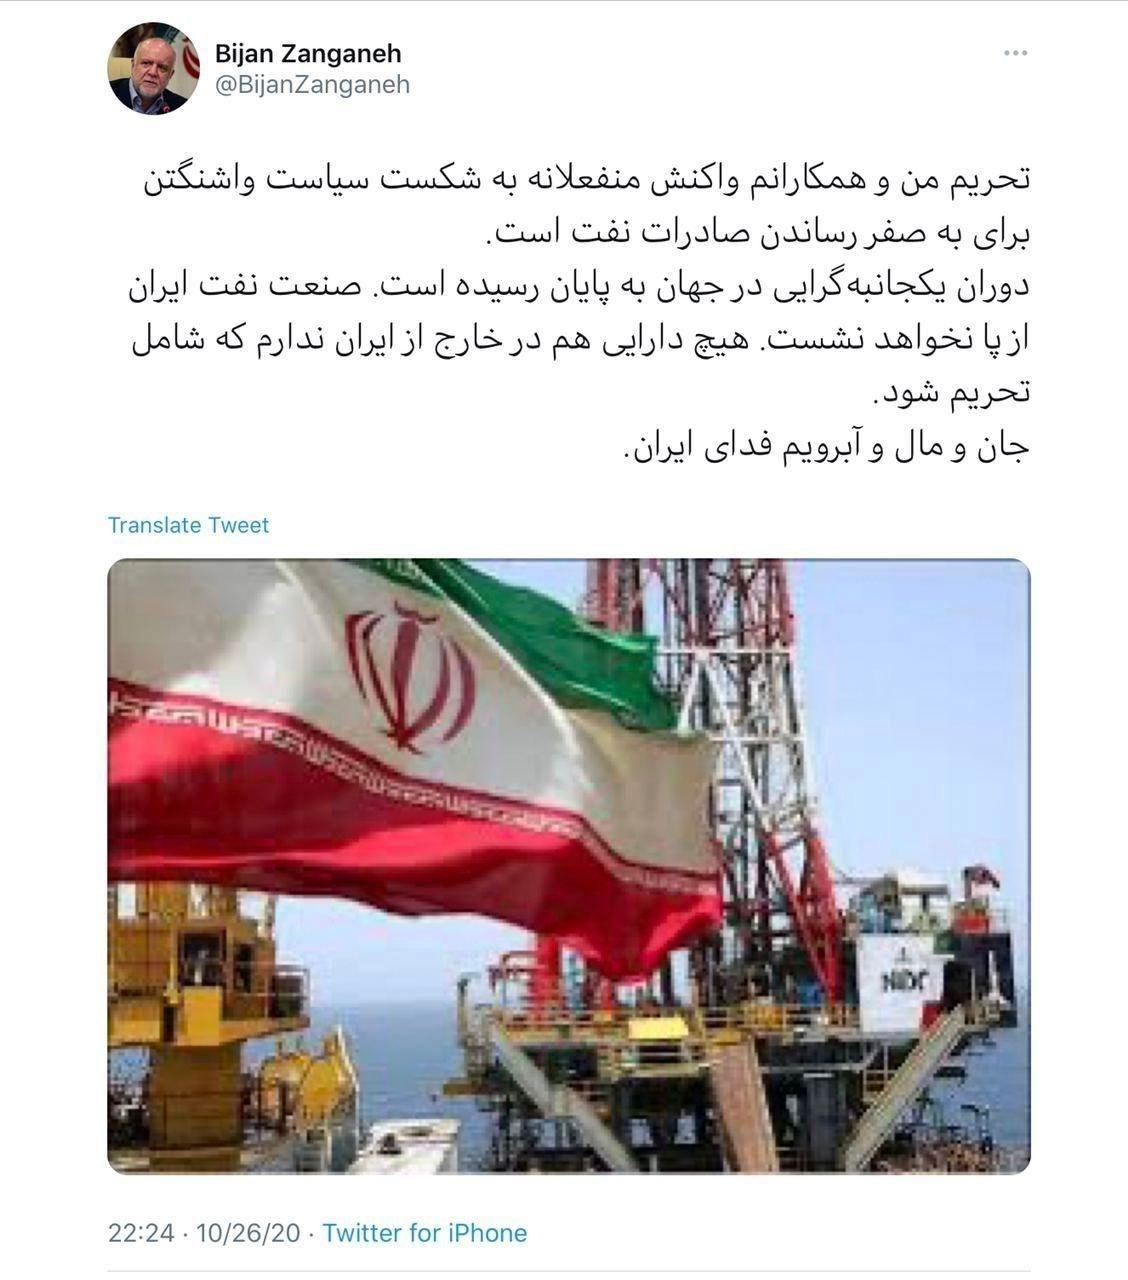 واکنش زنگنه به تحریمش توسط آمریکا: جان و مال و آبرویم فدای ایران